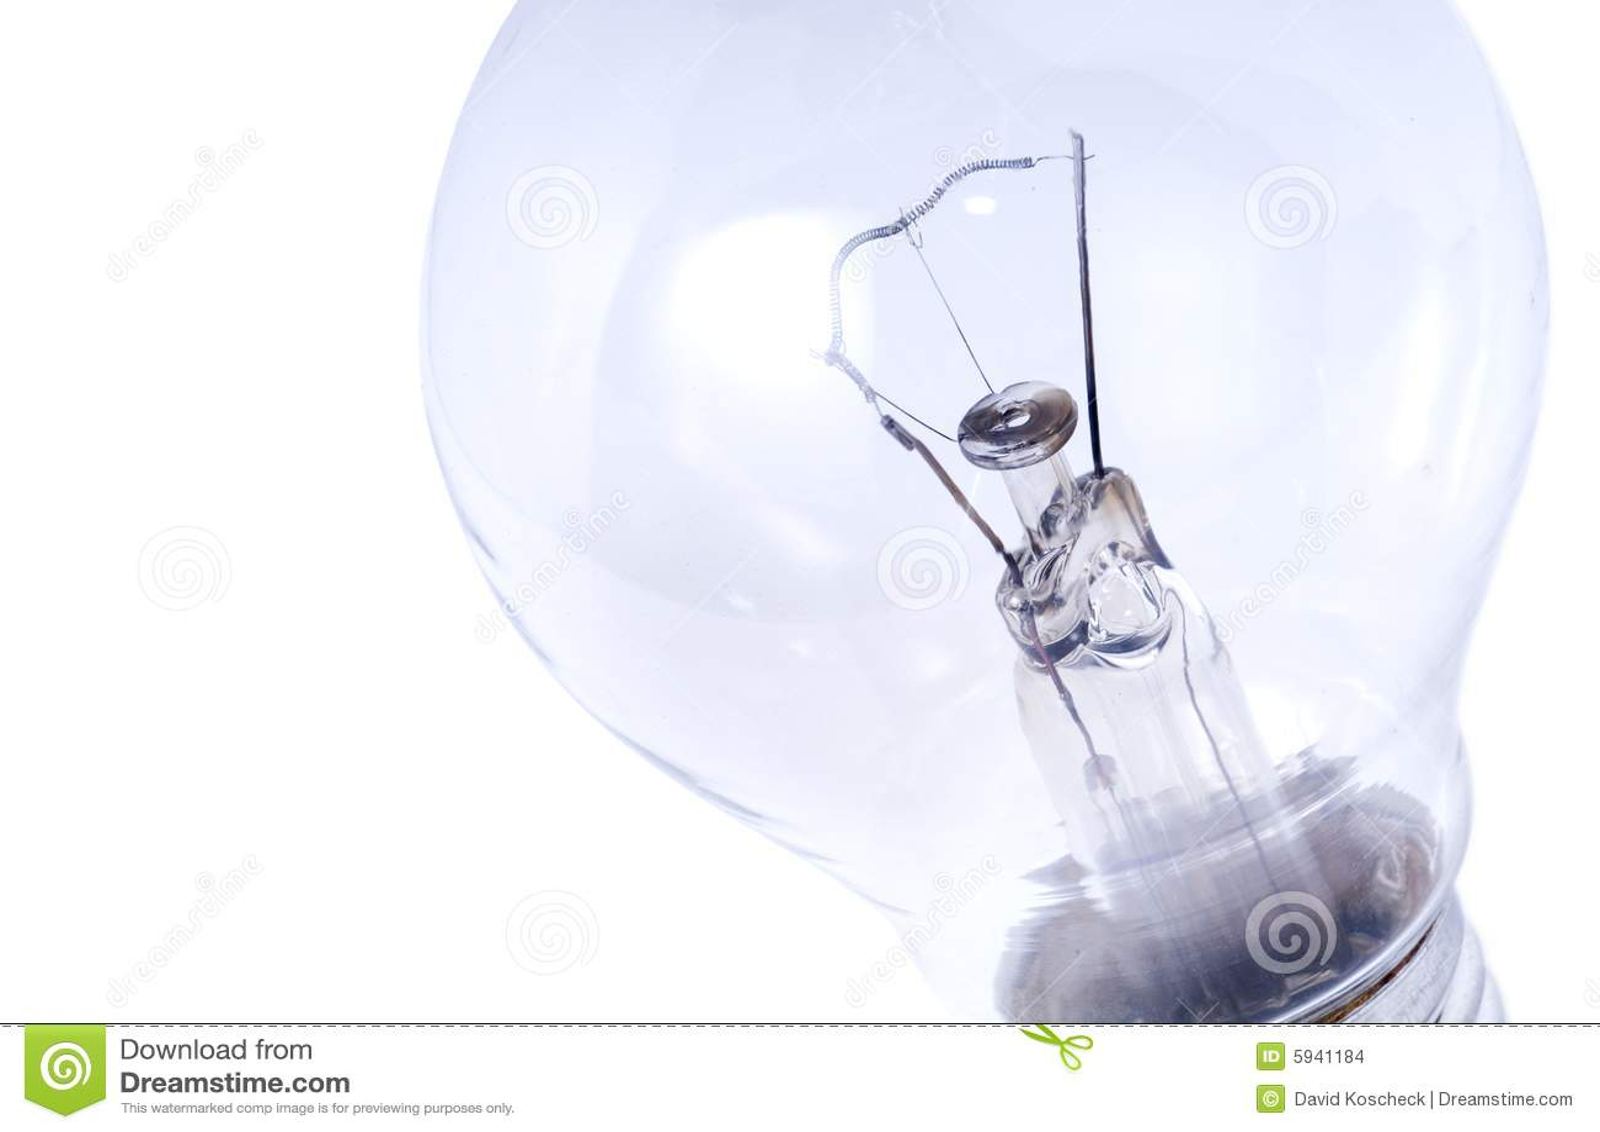 Light-bulb macro